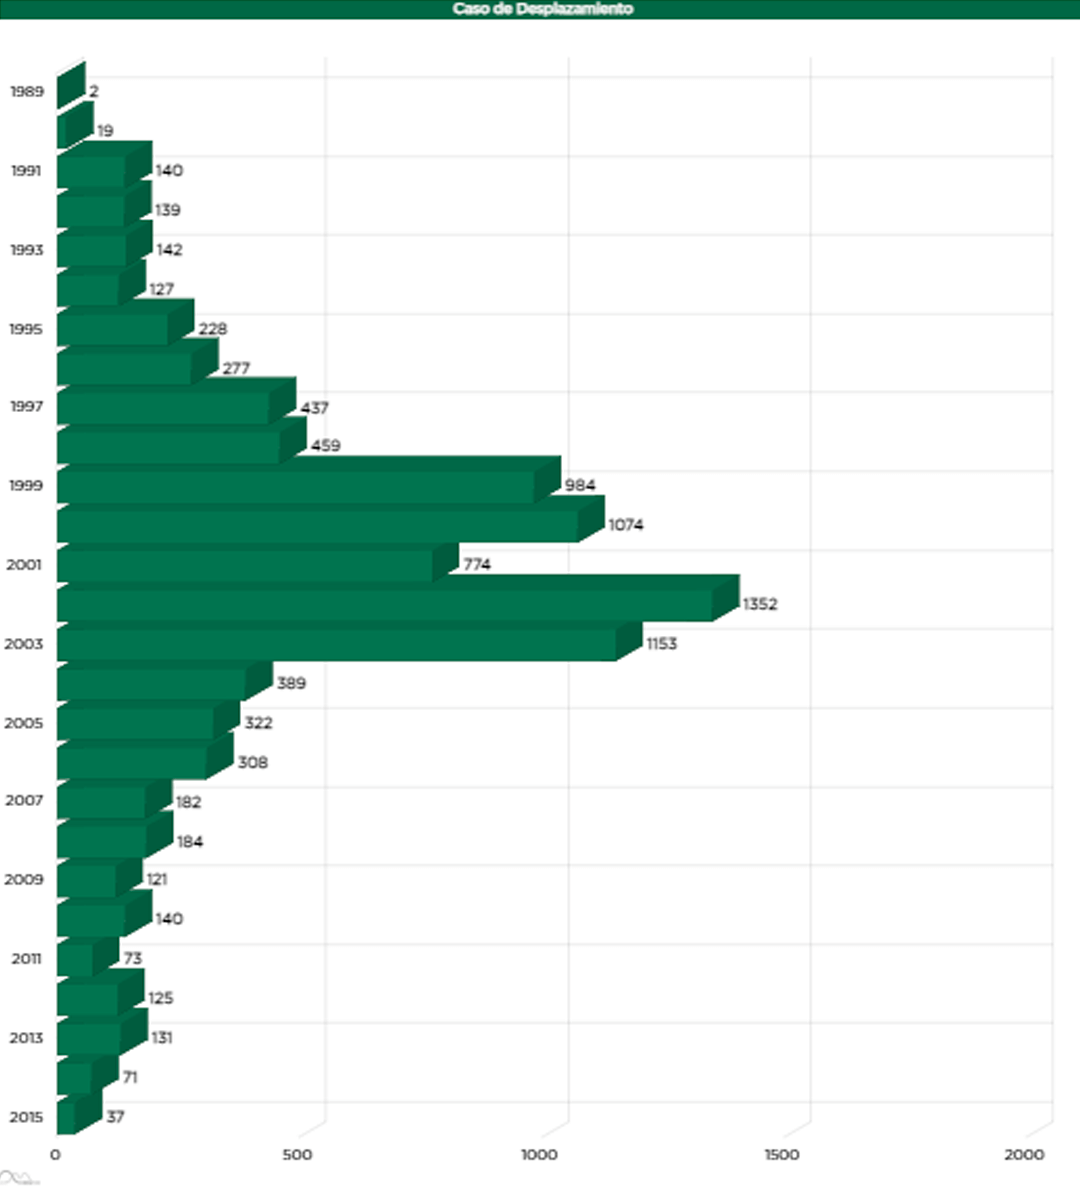 Gráfico de la FFF sobre desplazamientos al año, según sentencias